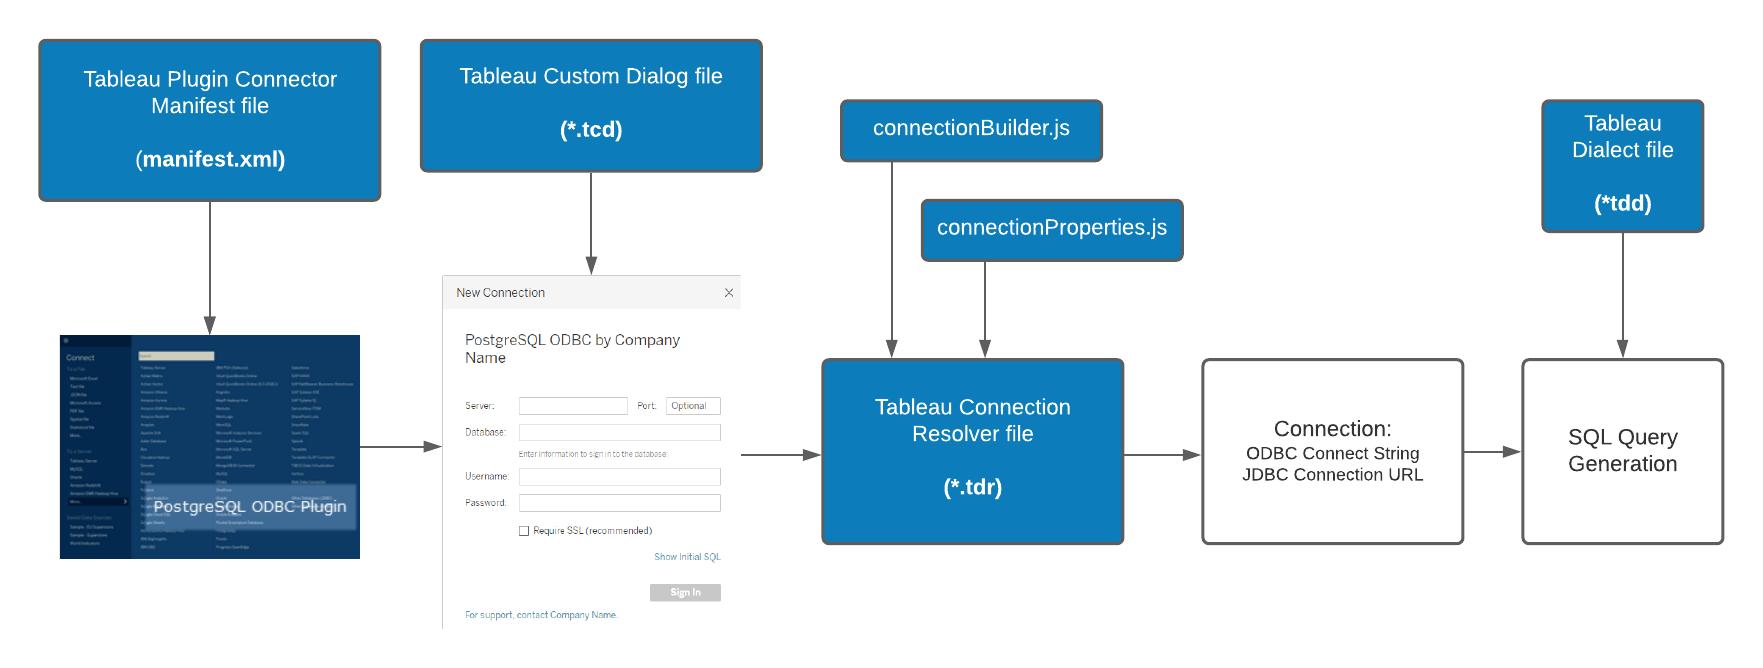 Tableau Connector SDK